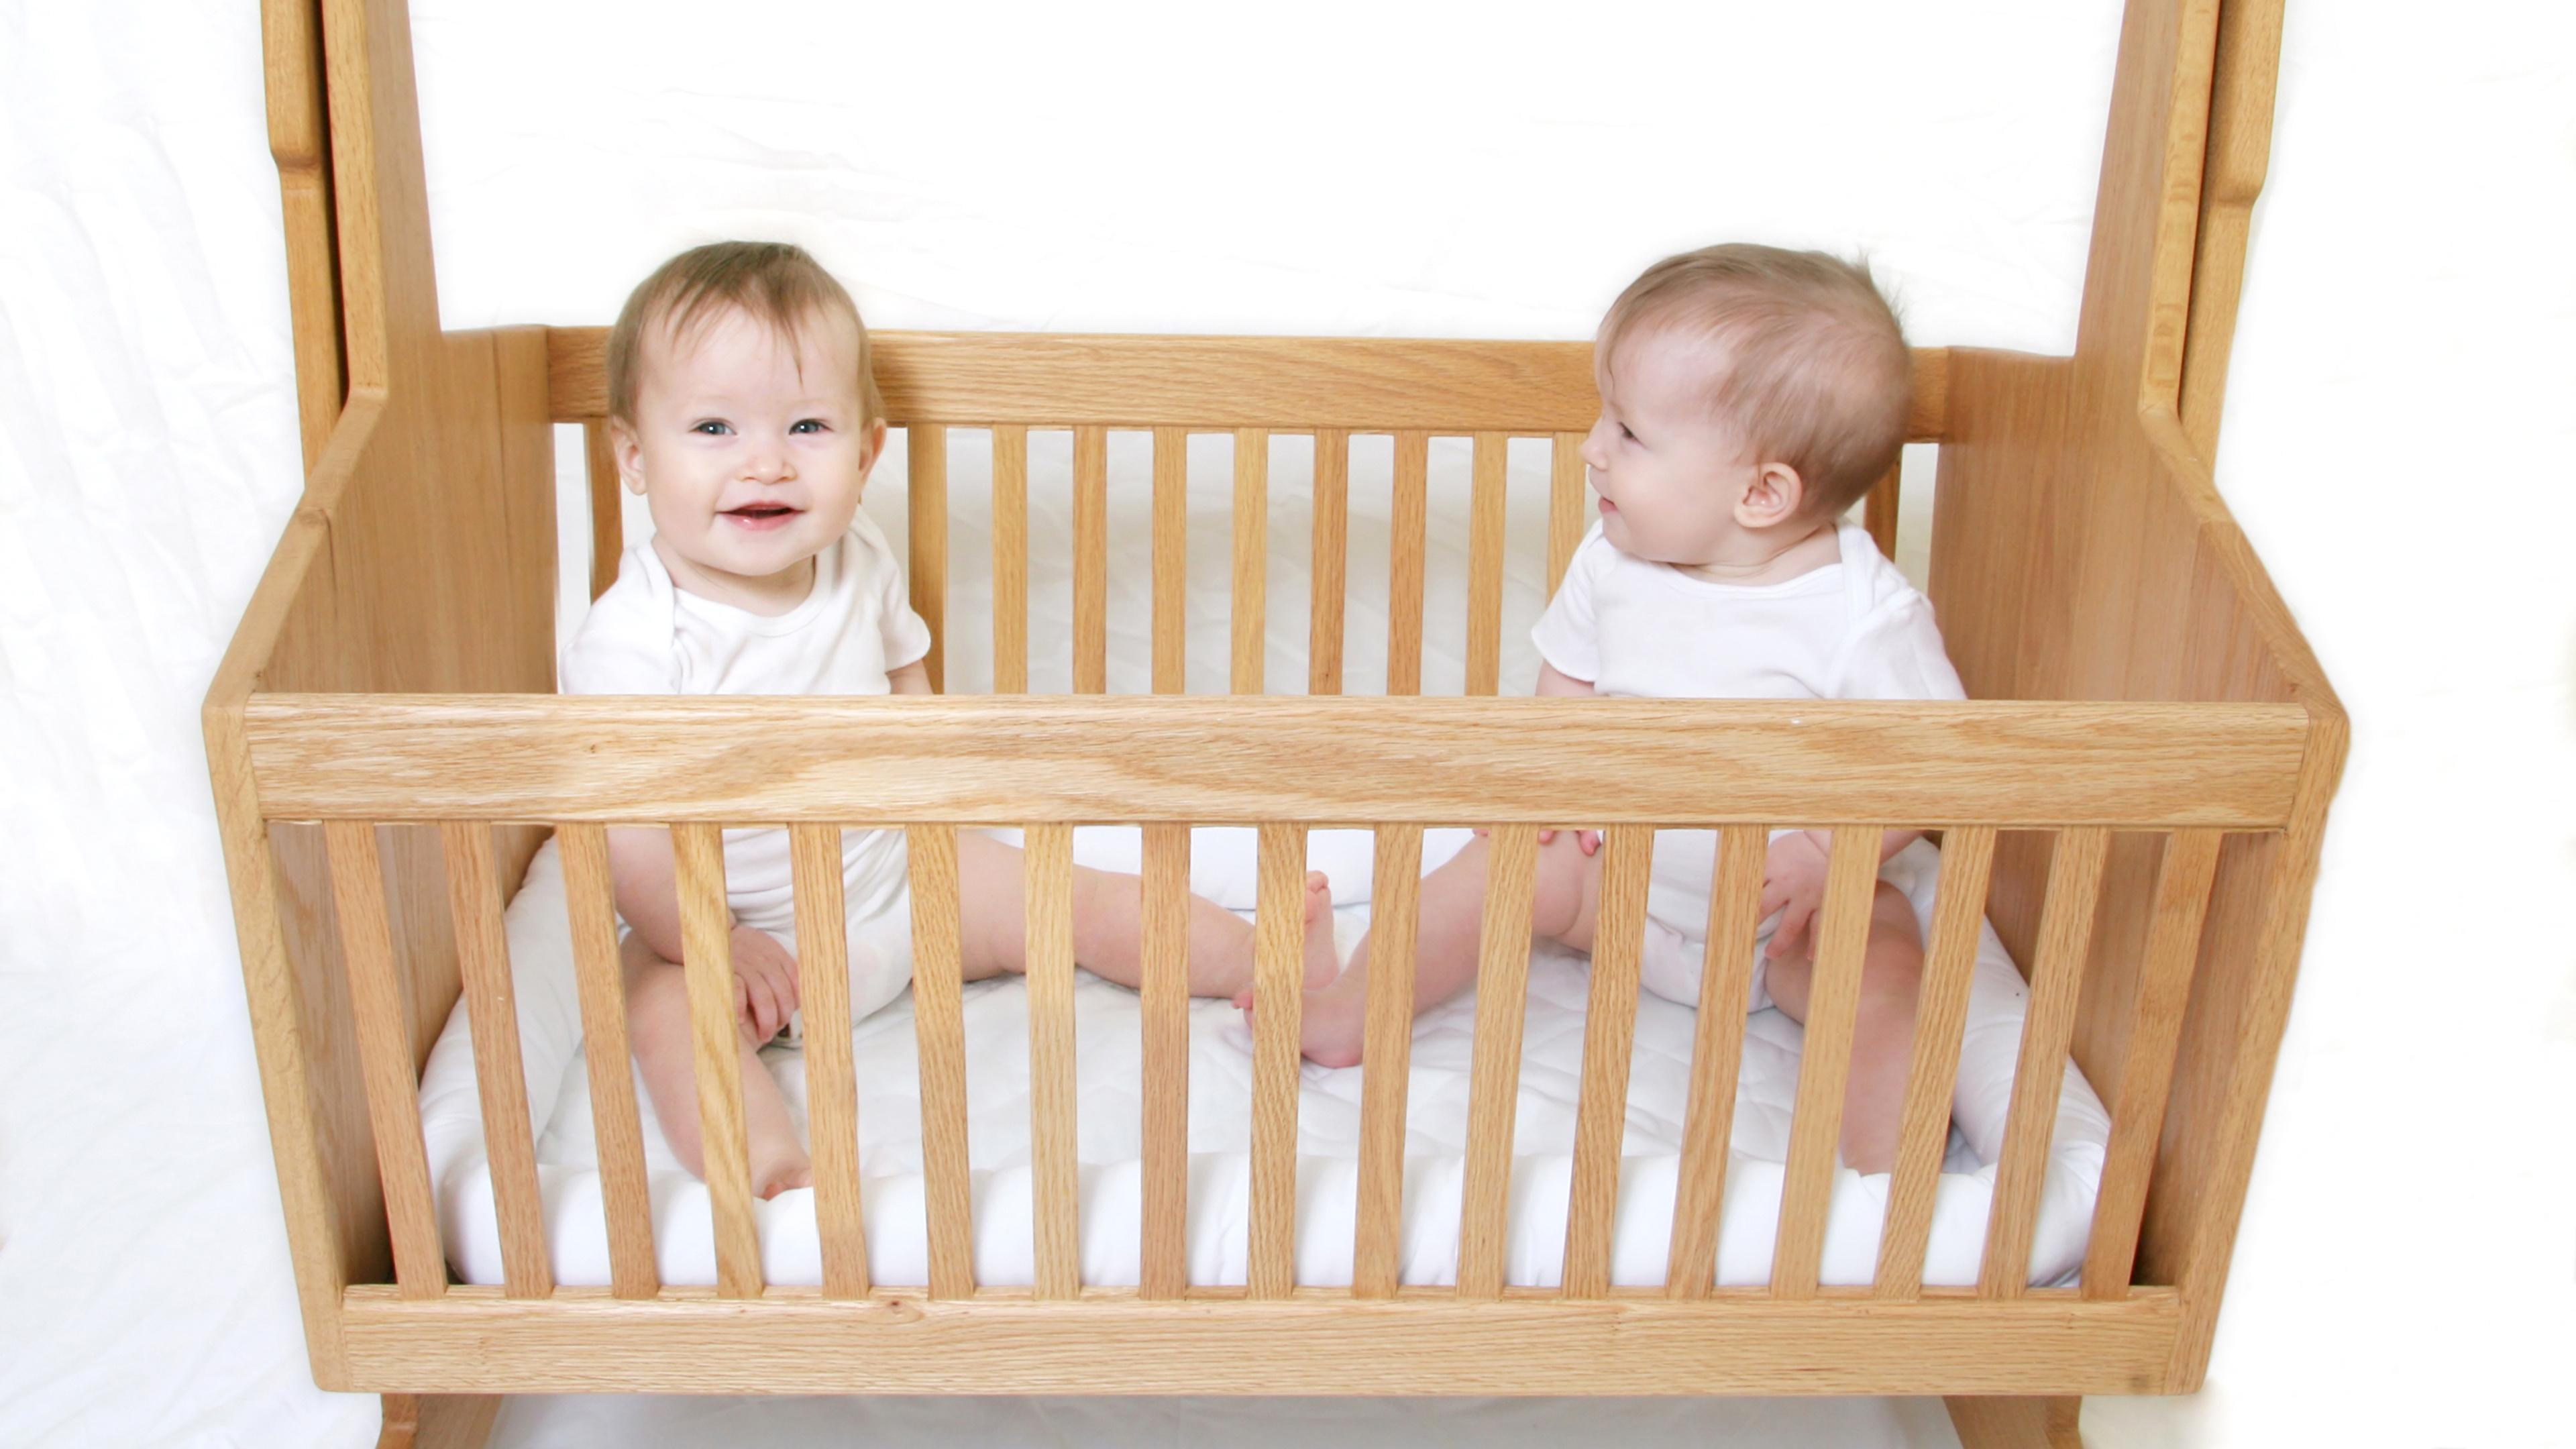 Обои для рабочего стола Младенцы Дети две кровати из дерева белом фоне 3840x2160 младенца младенец грудной ребёнок ребёнок 2 два Двое вдвоем Кровать кровате Деревянный Белый фон белым фоном